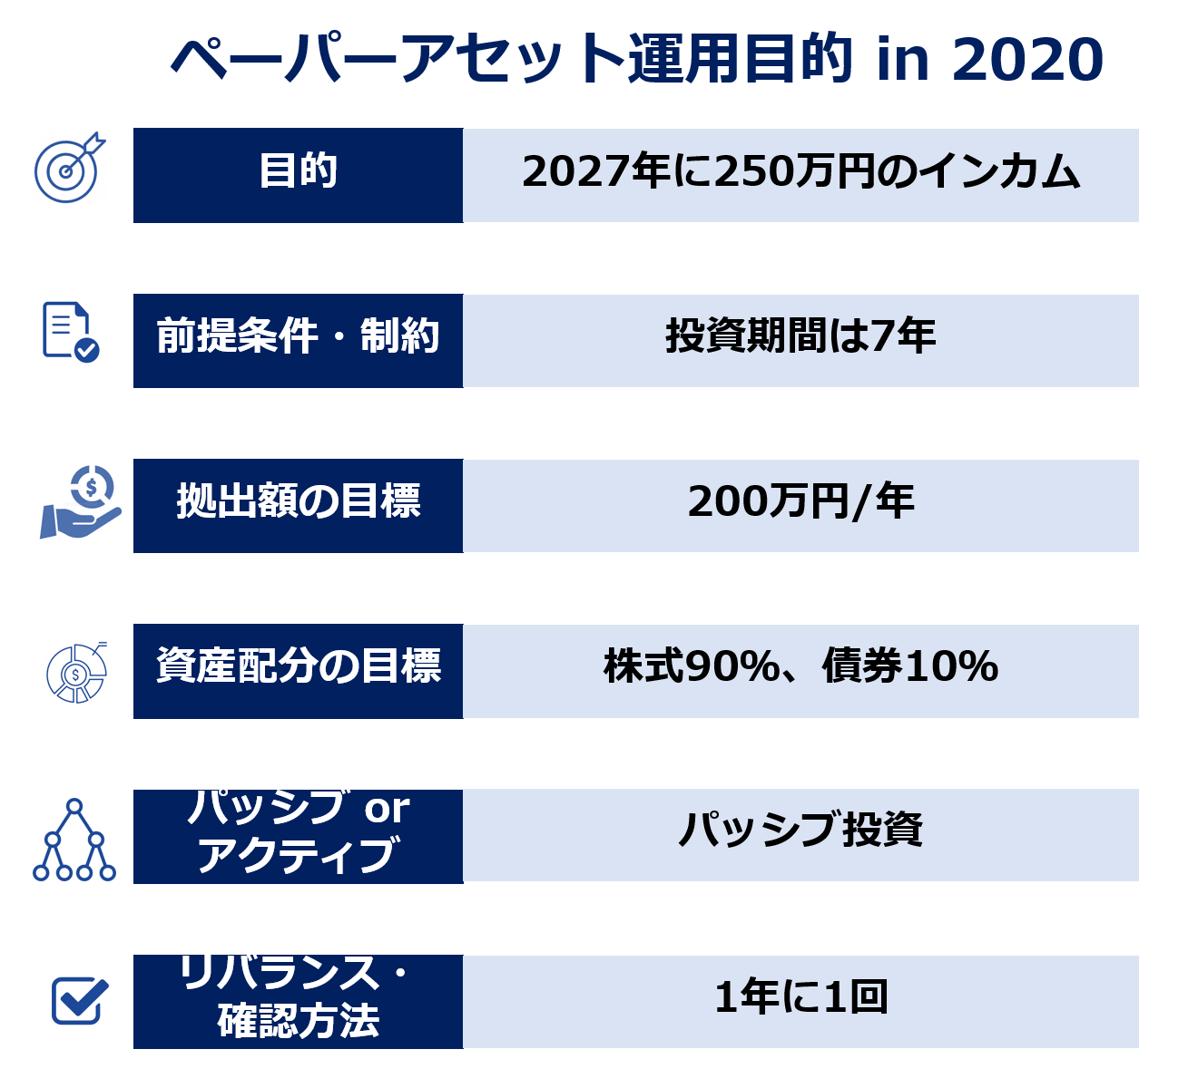 紙資産の運用目的 2020